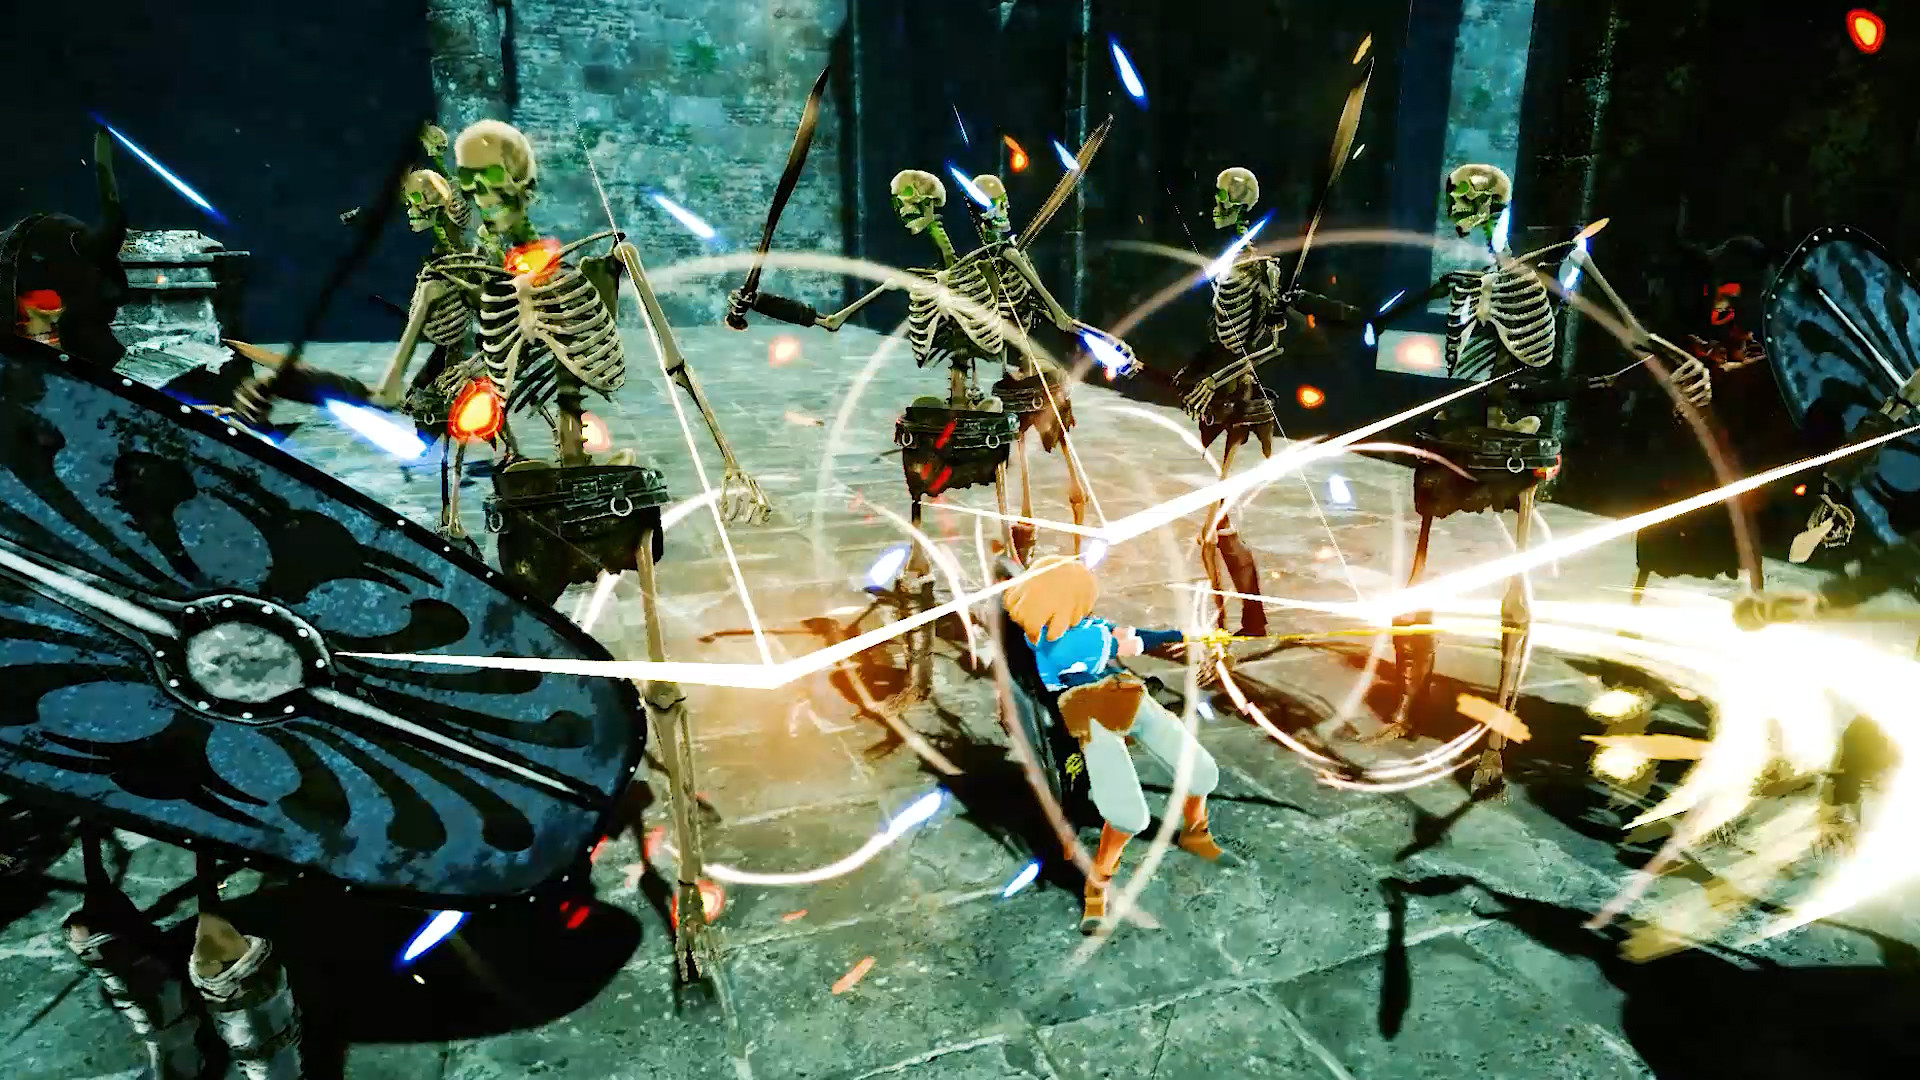 超级缝合怪《创世理想乡》Bug多 跳票至9月4日发售